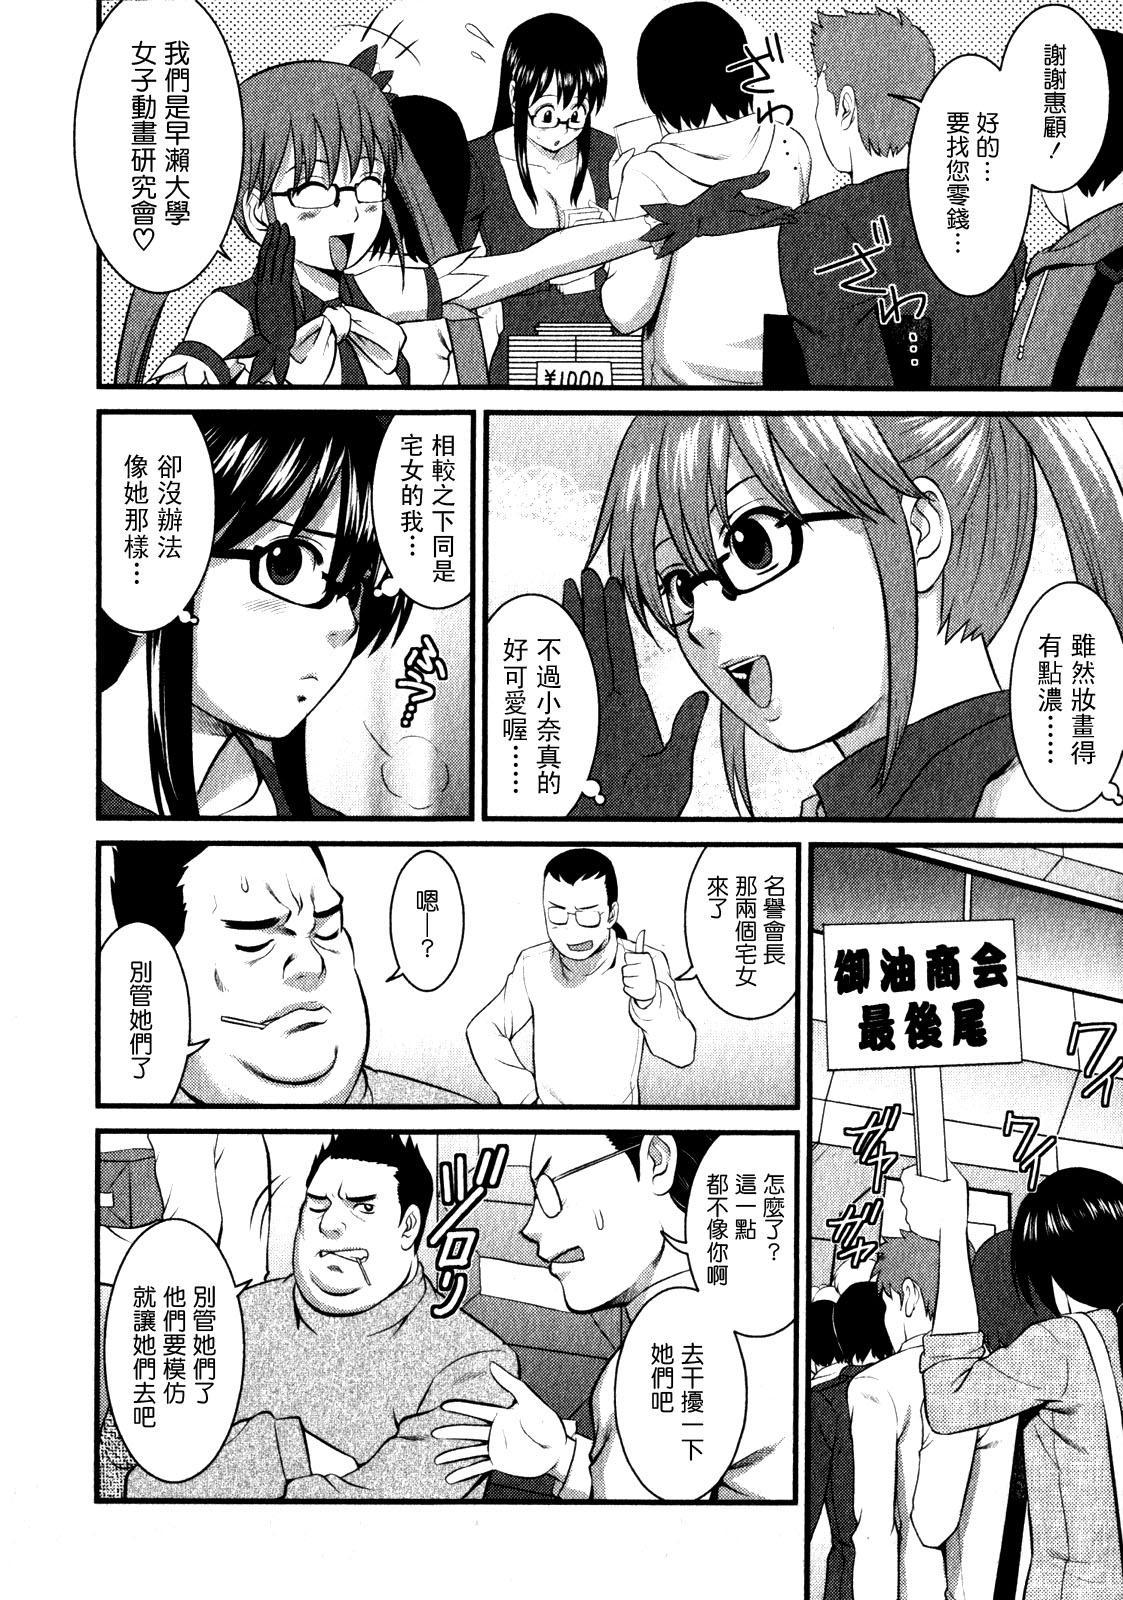 Otaku no Megami-san 1 117